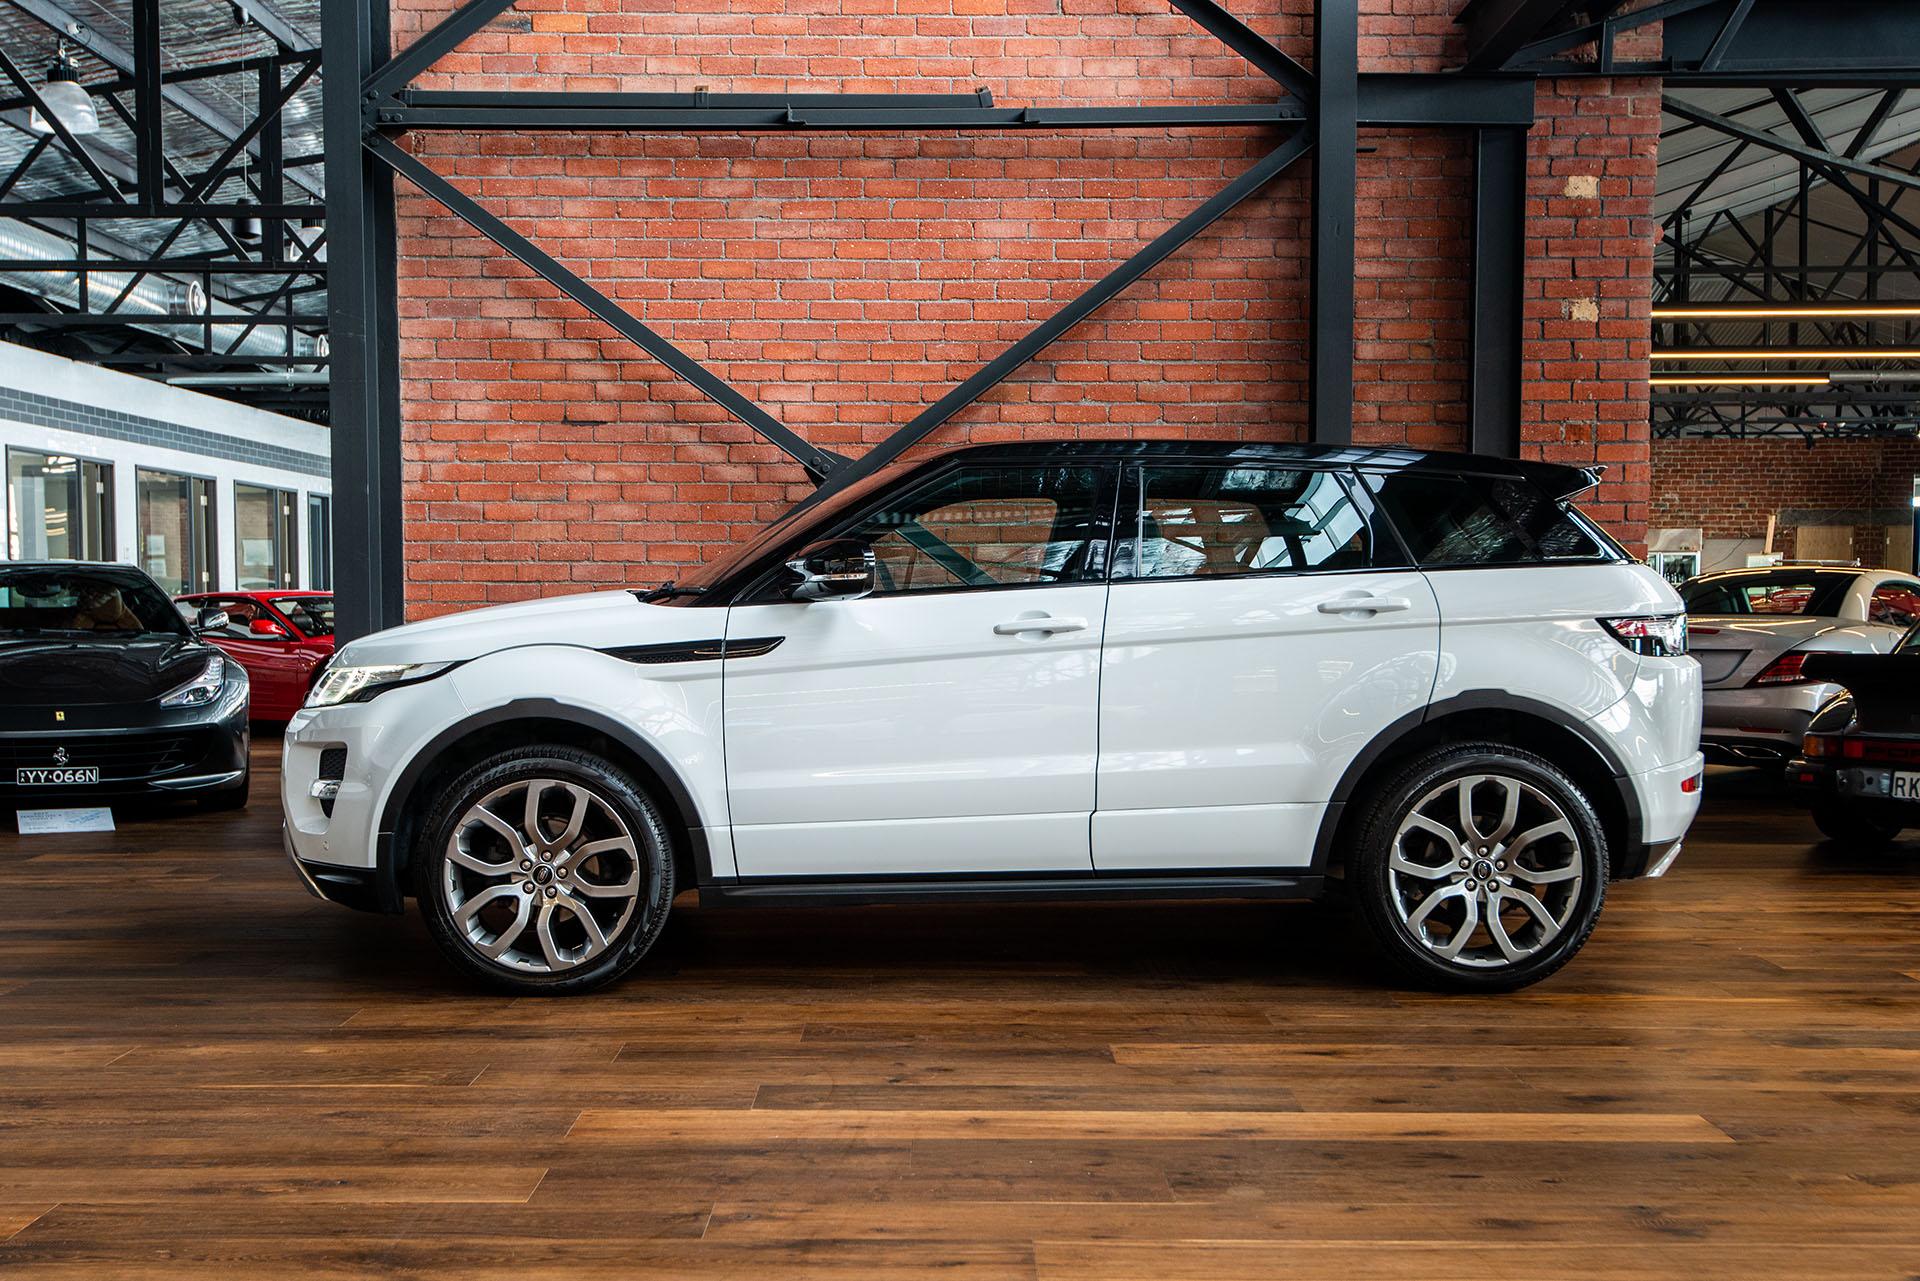 Range Rover Evoque Price >> 2013 Range Rover Evoque Si4 Dynamic - Richmonds - Classic and Prestige Cars - Storage and Sales ...